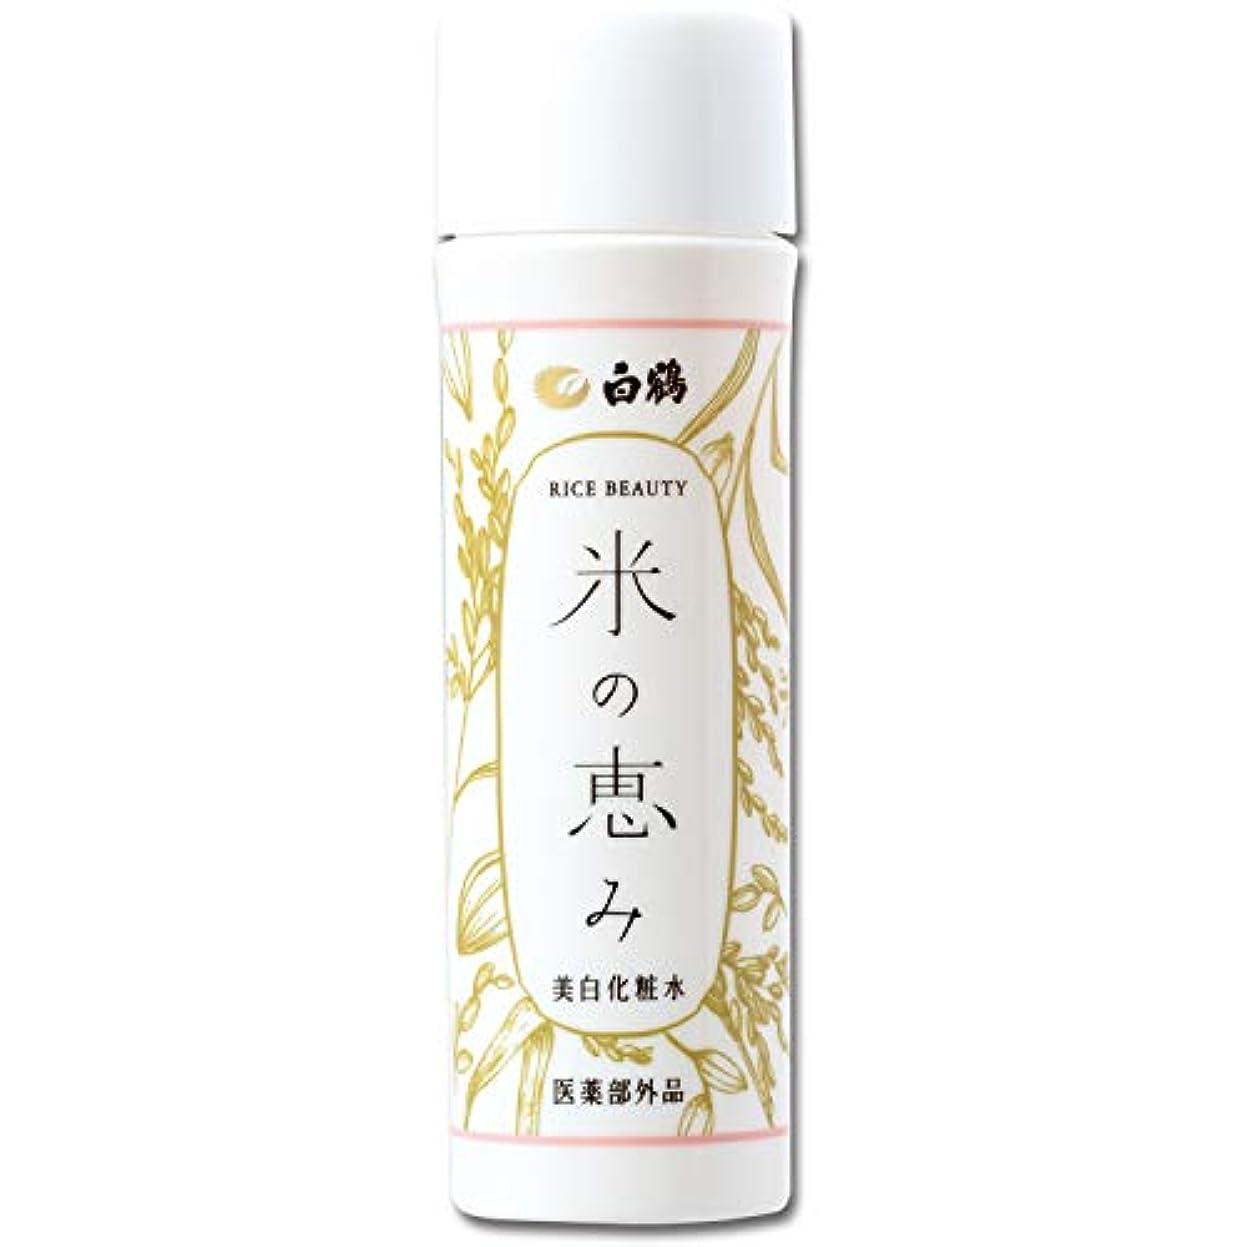 ファブリック今晩手がかりライスビューティー 米の恵み 美白化粧水 150ml 医薬部外品